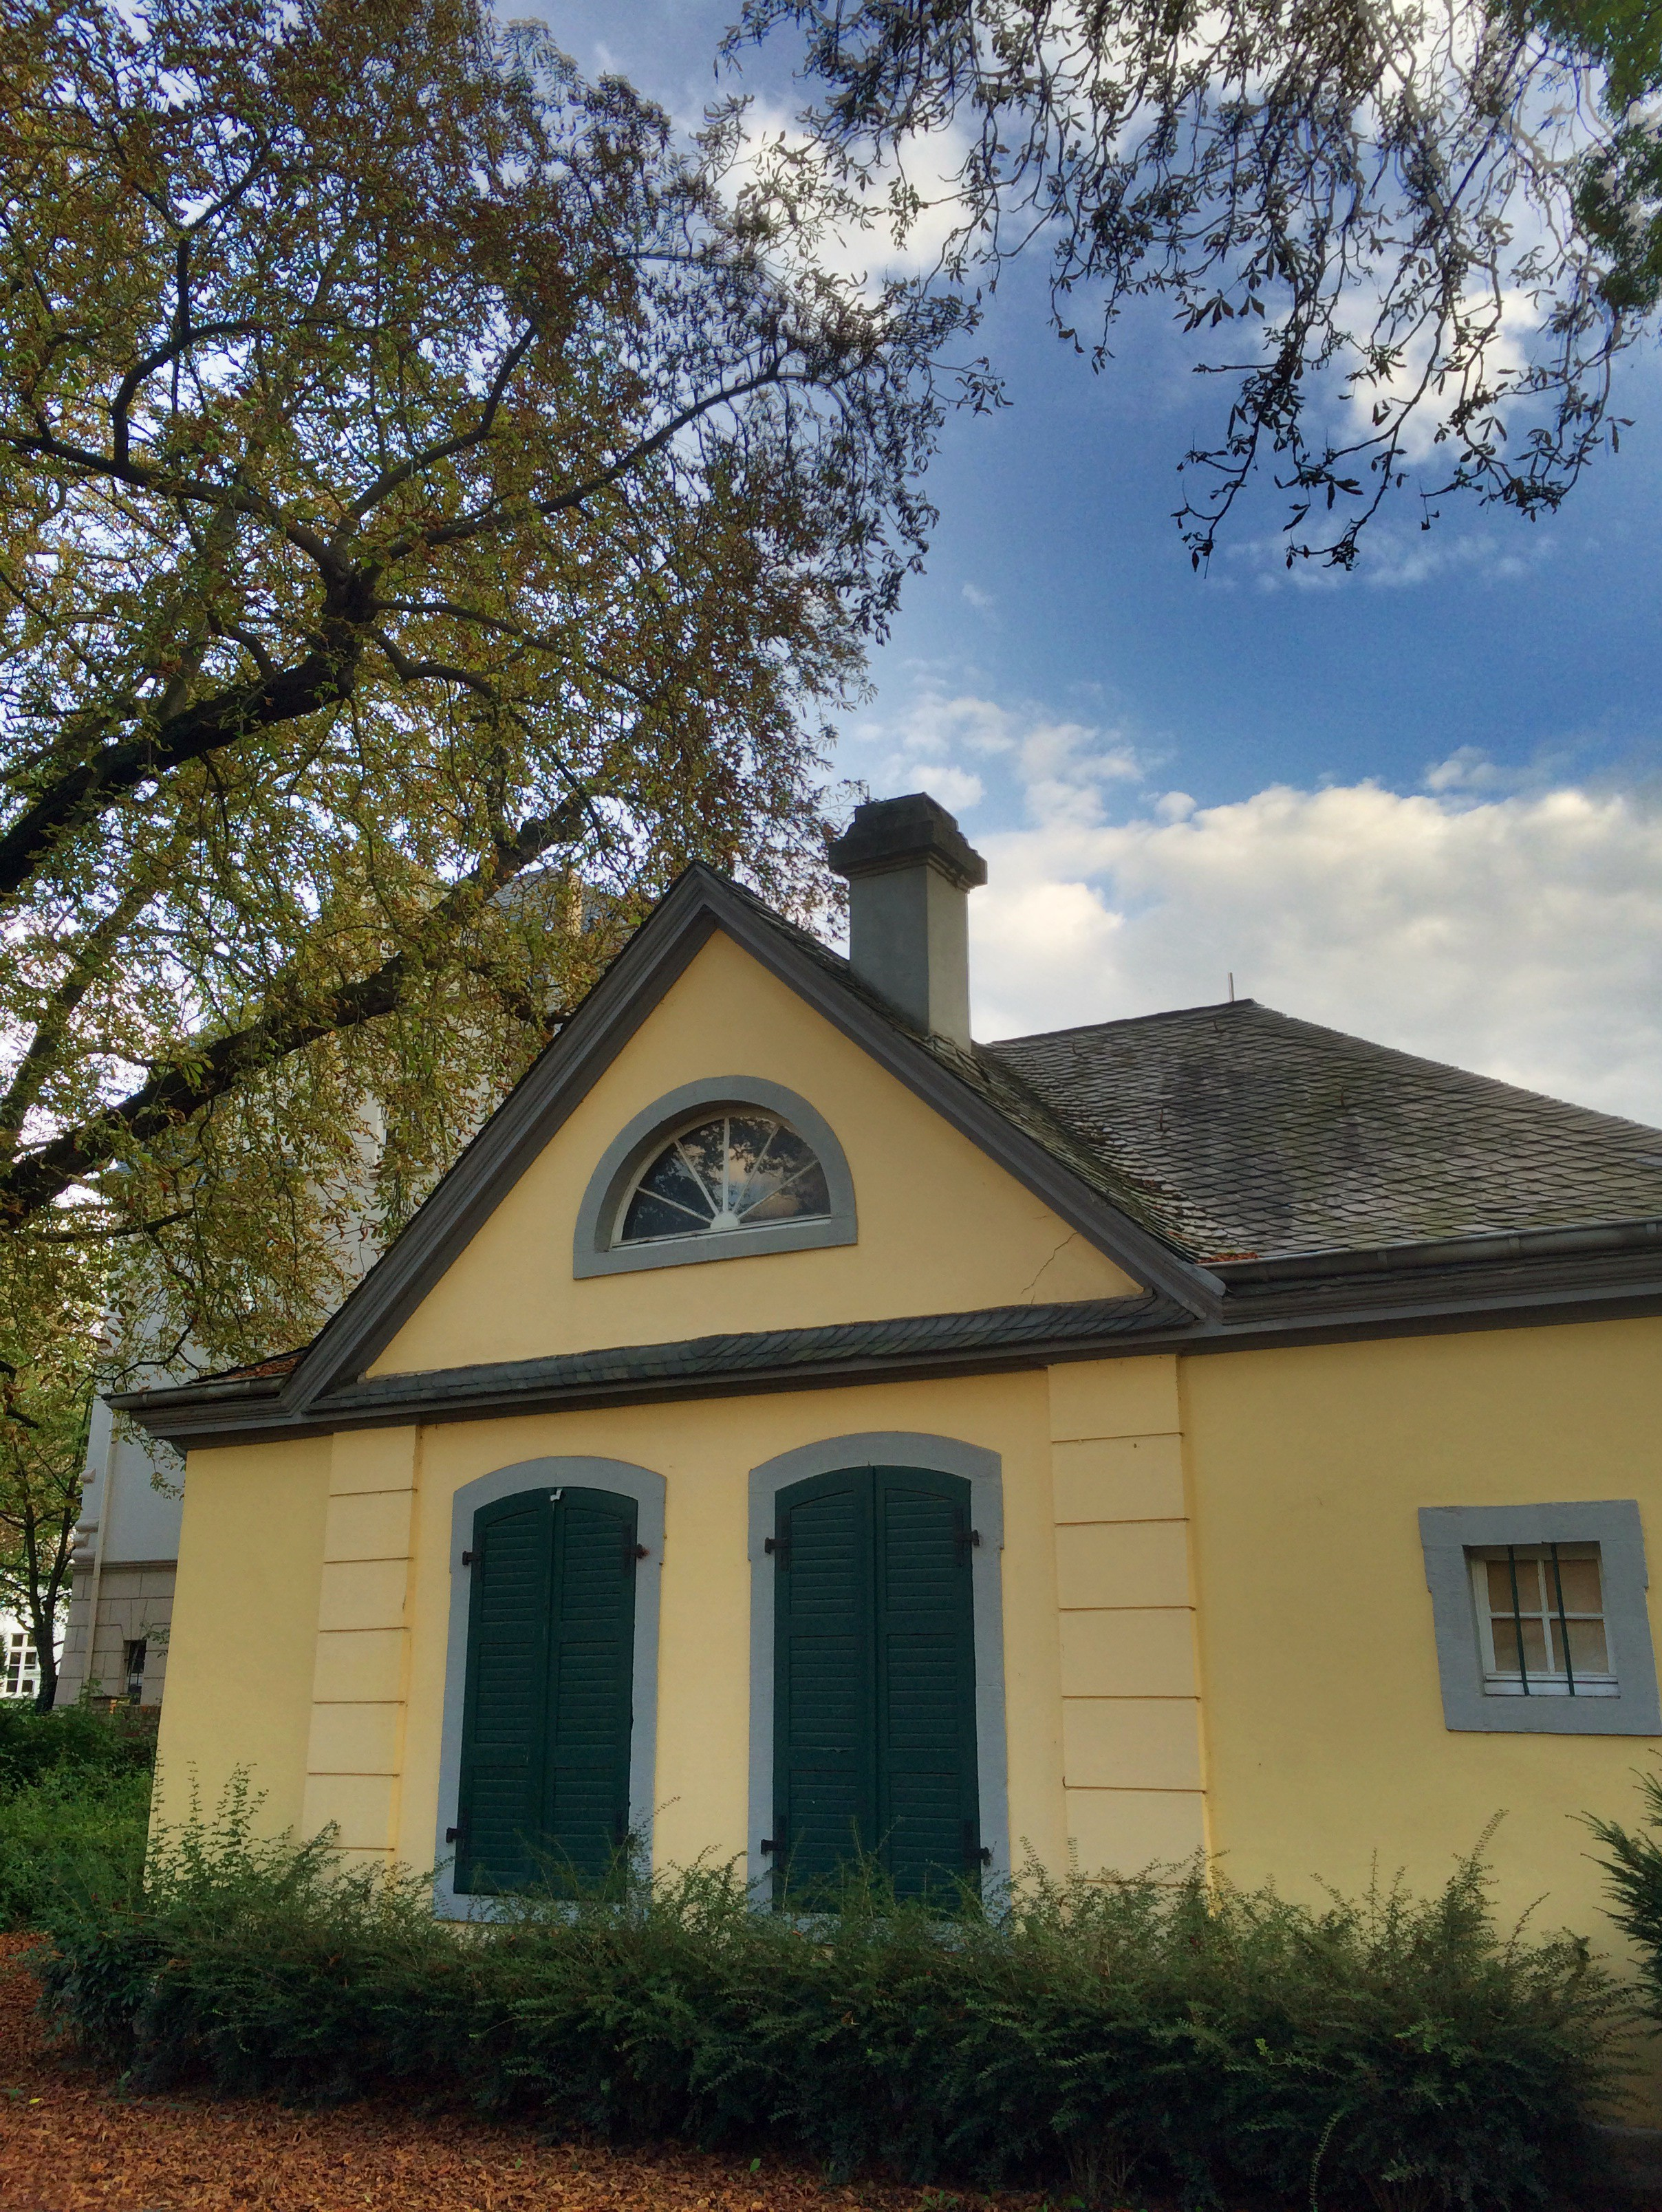 Gartenhaus Bonn bonn per rad poppelsdorf endenich und musikerviertel bonn